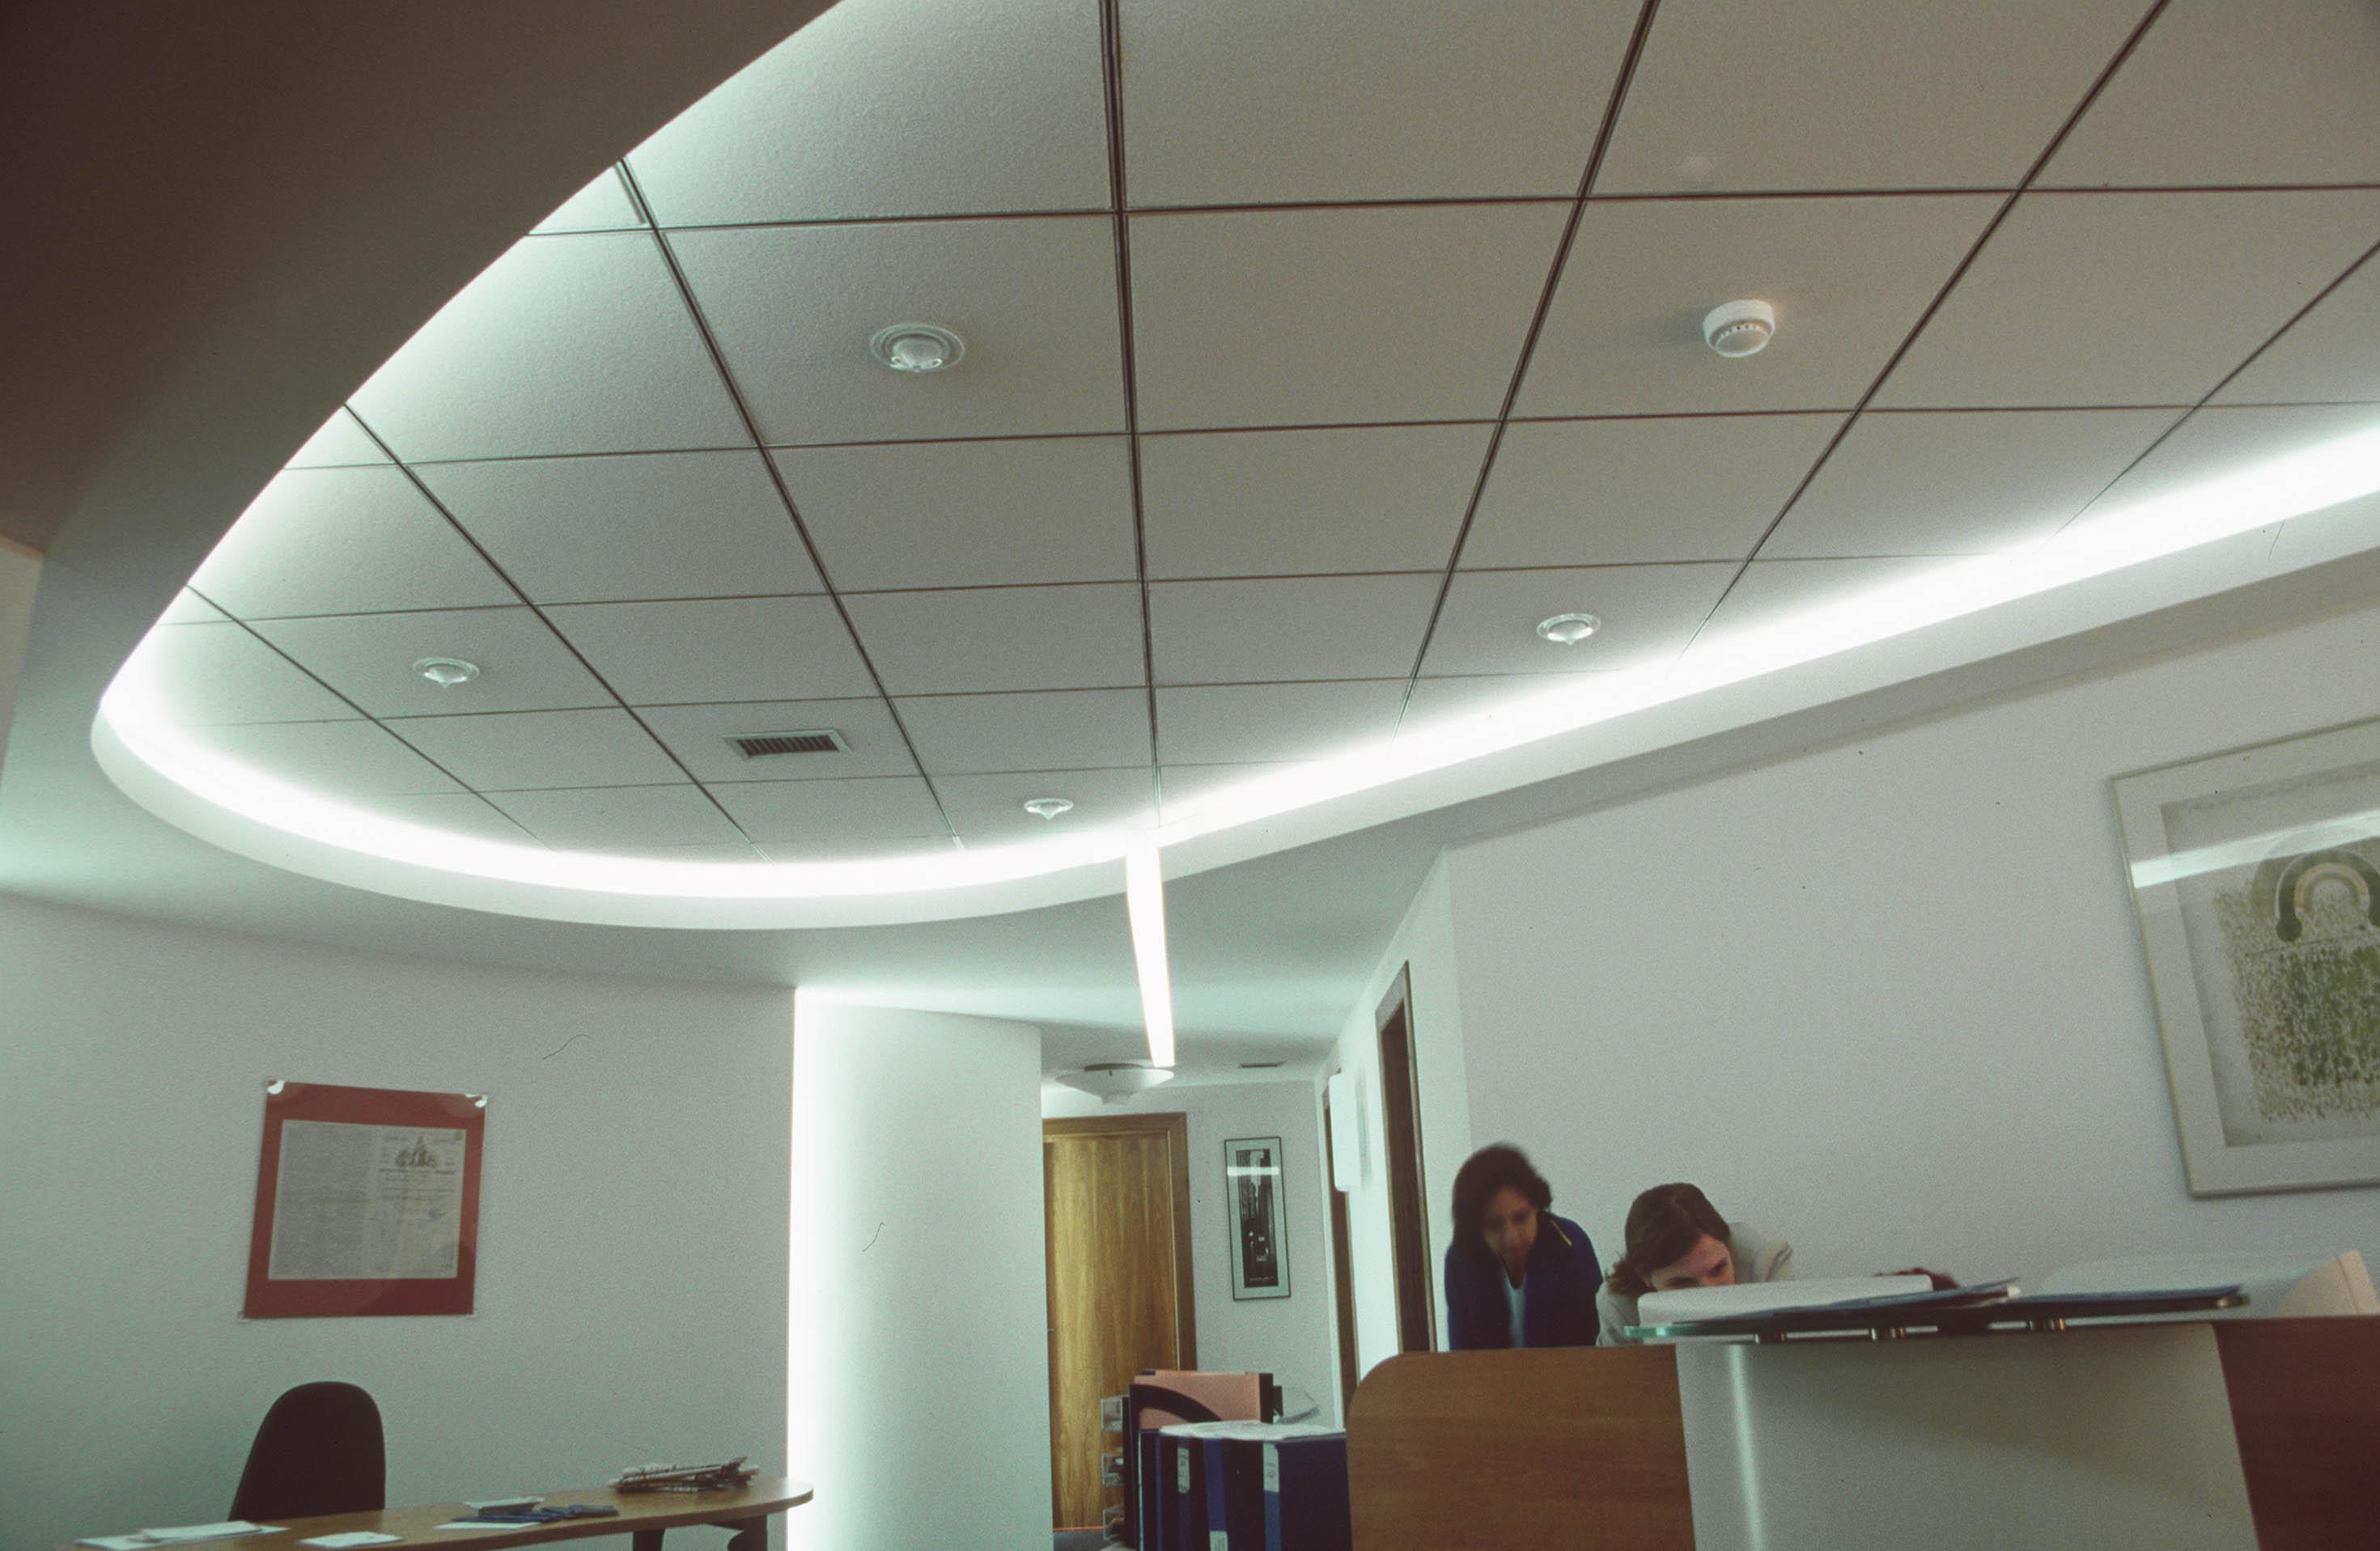 Sistem de iluminare - Sediu Allianz CARALUX - Poza 5